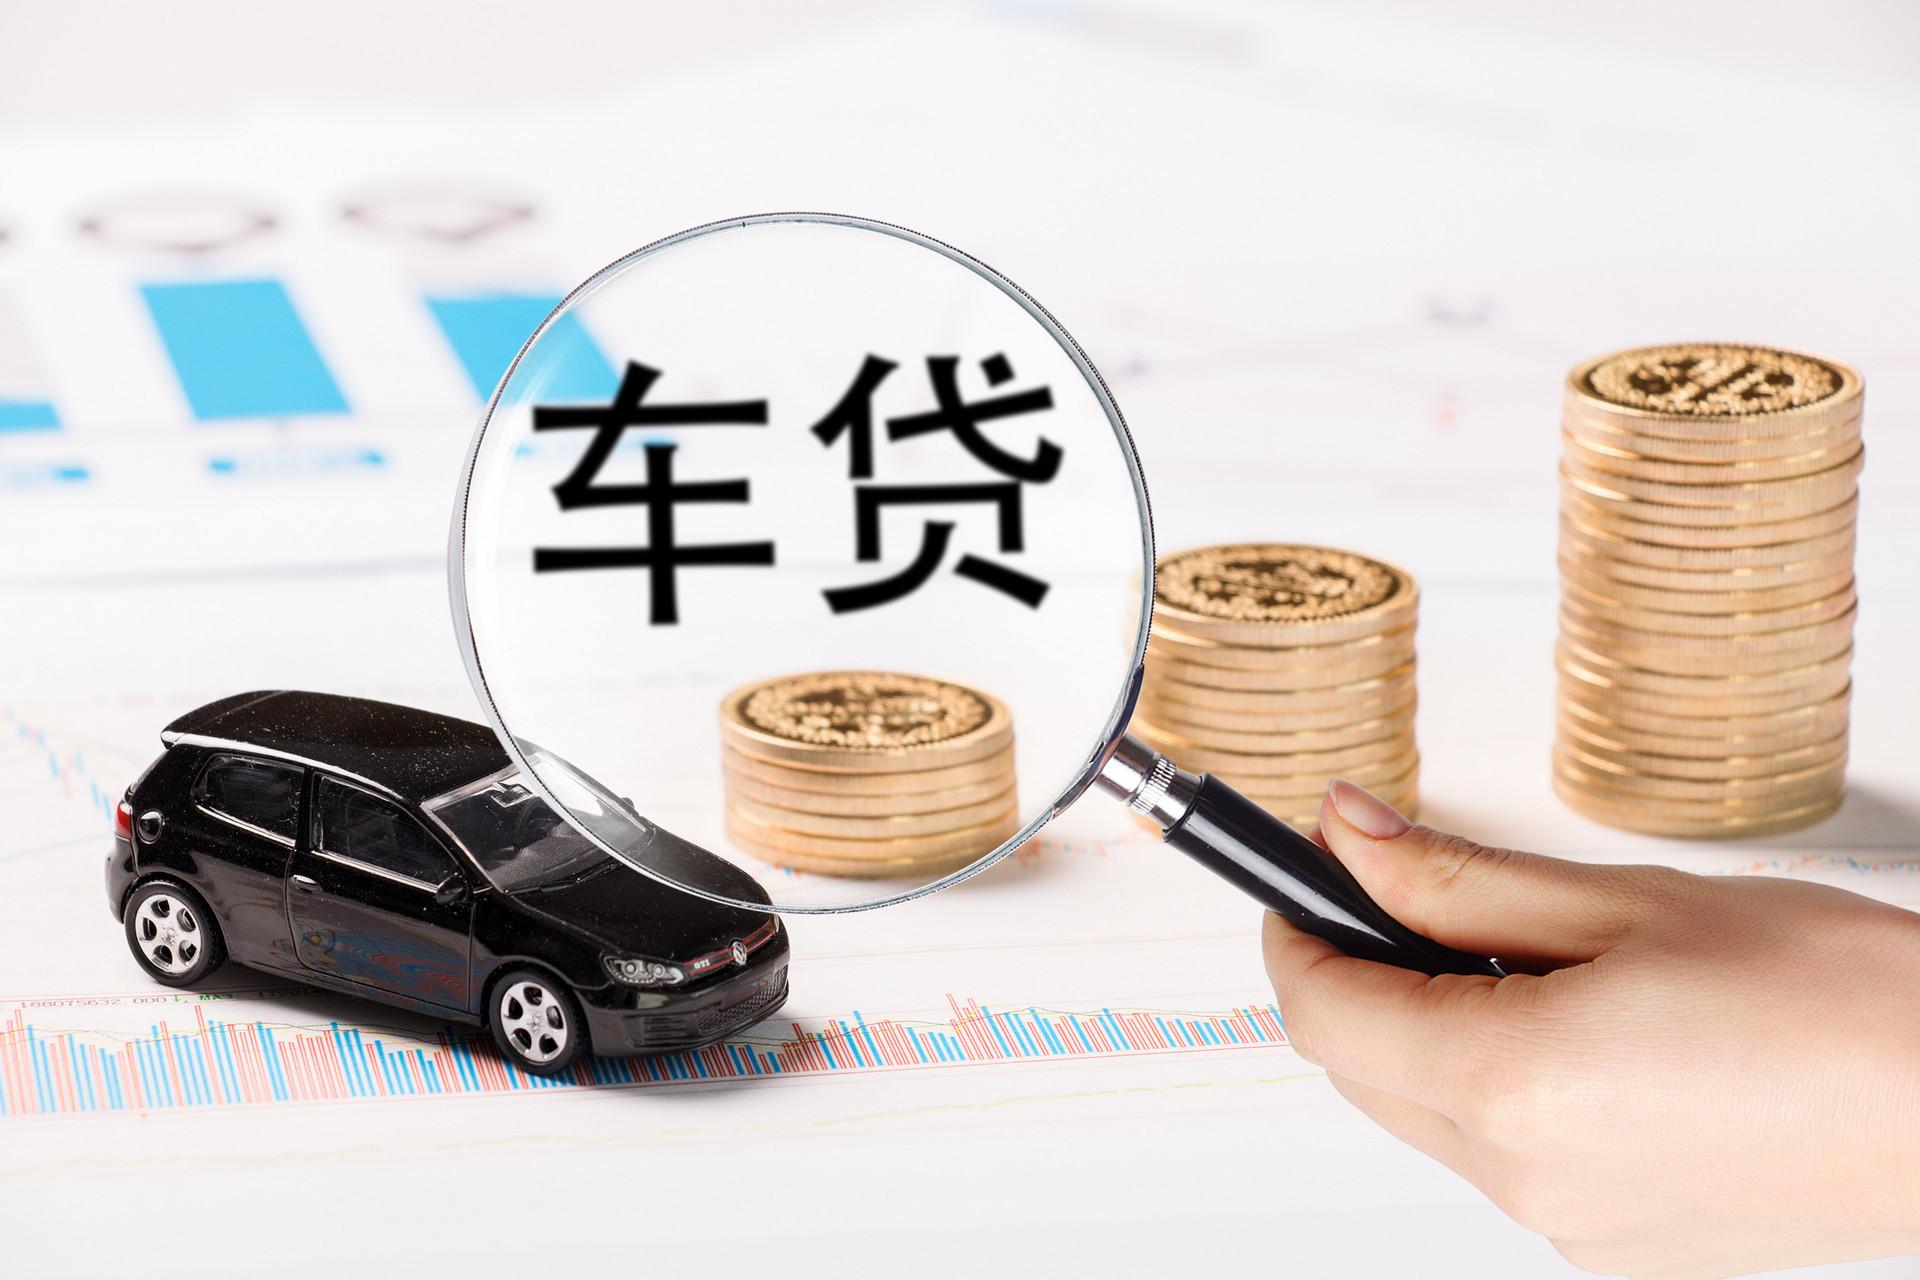 银保监会印发融资担保监管补充规定:汽车经销商等未经批准不得